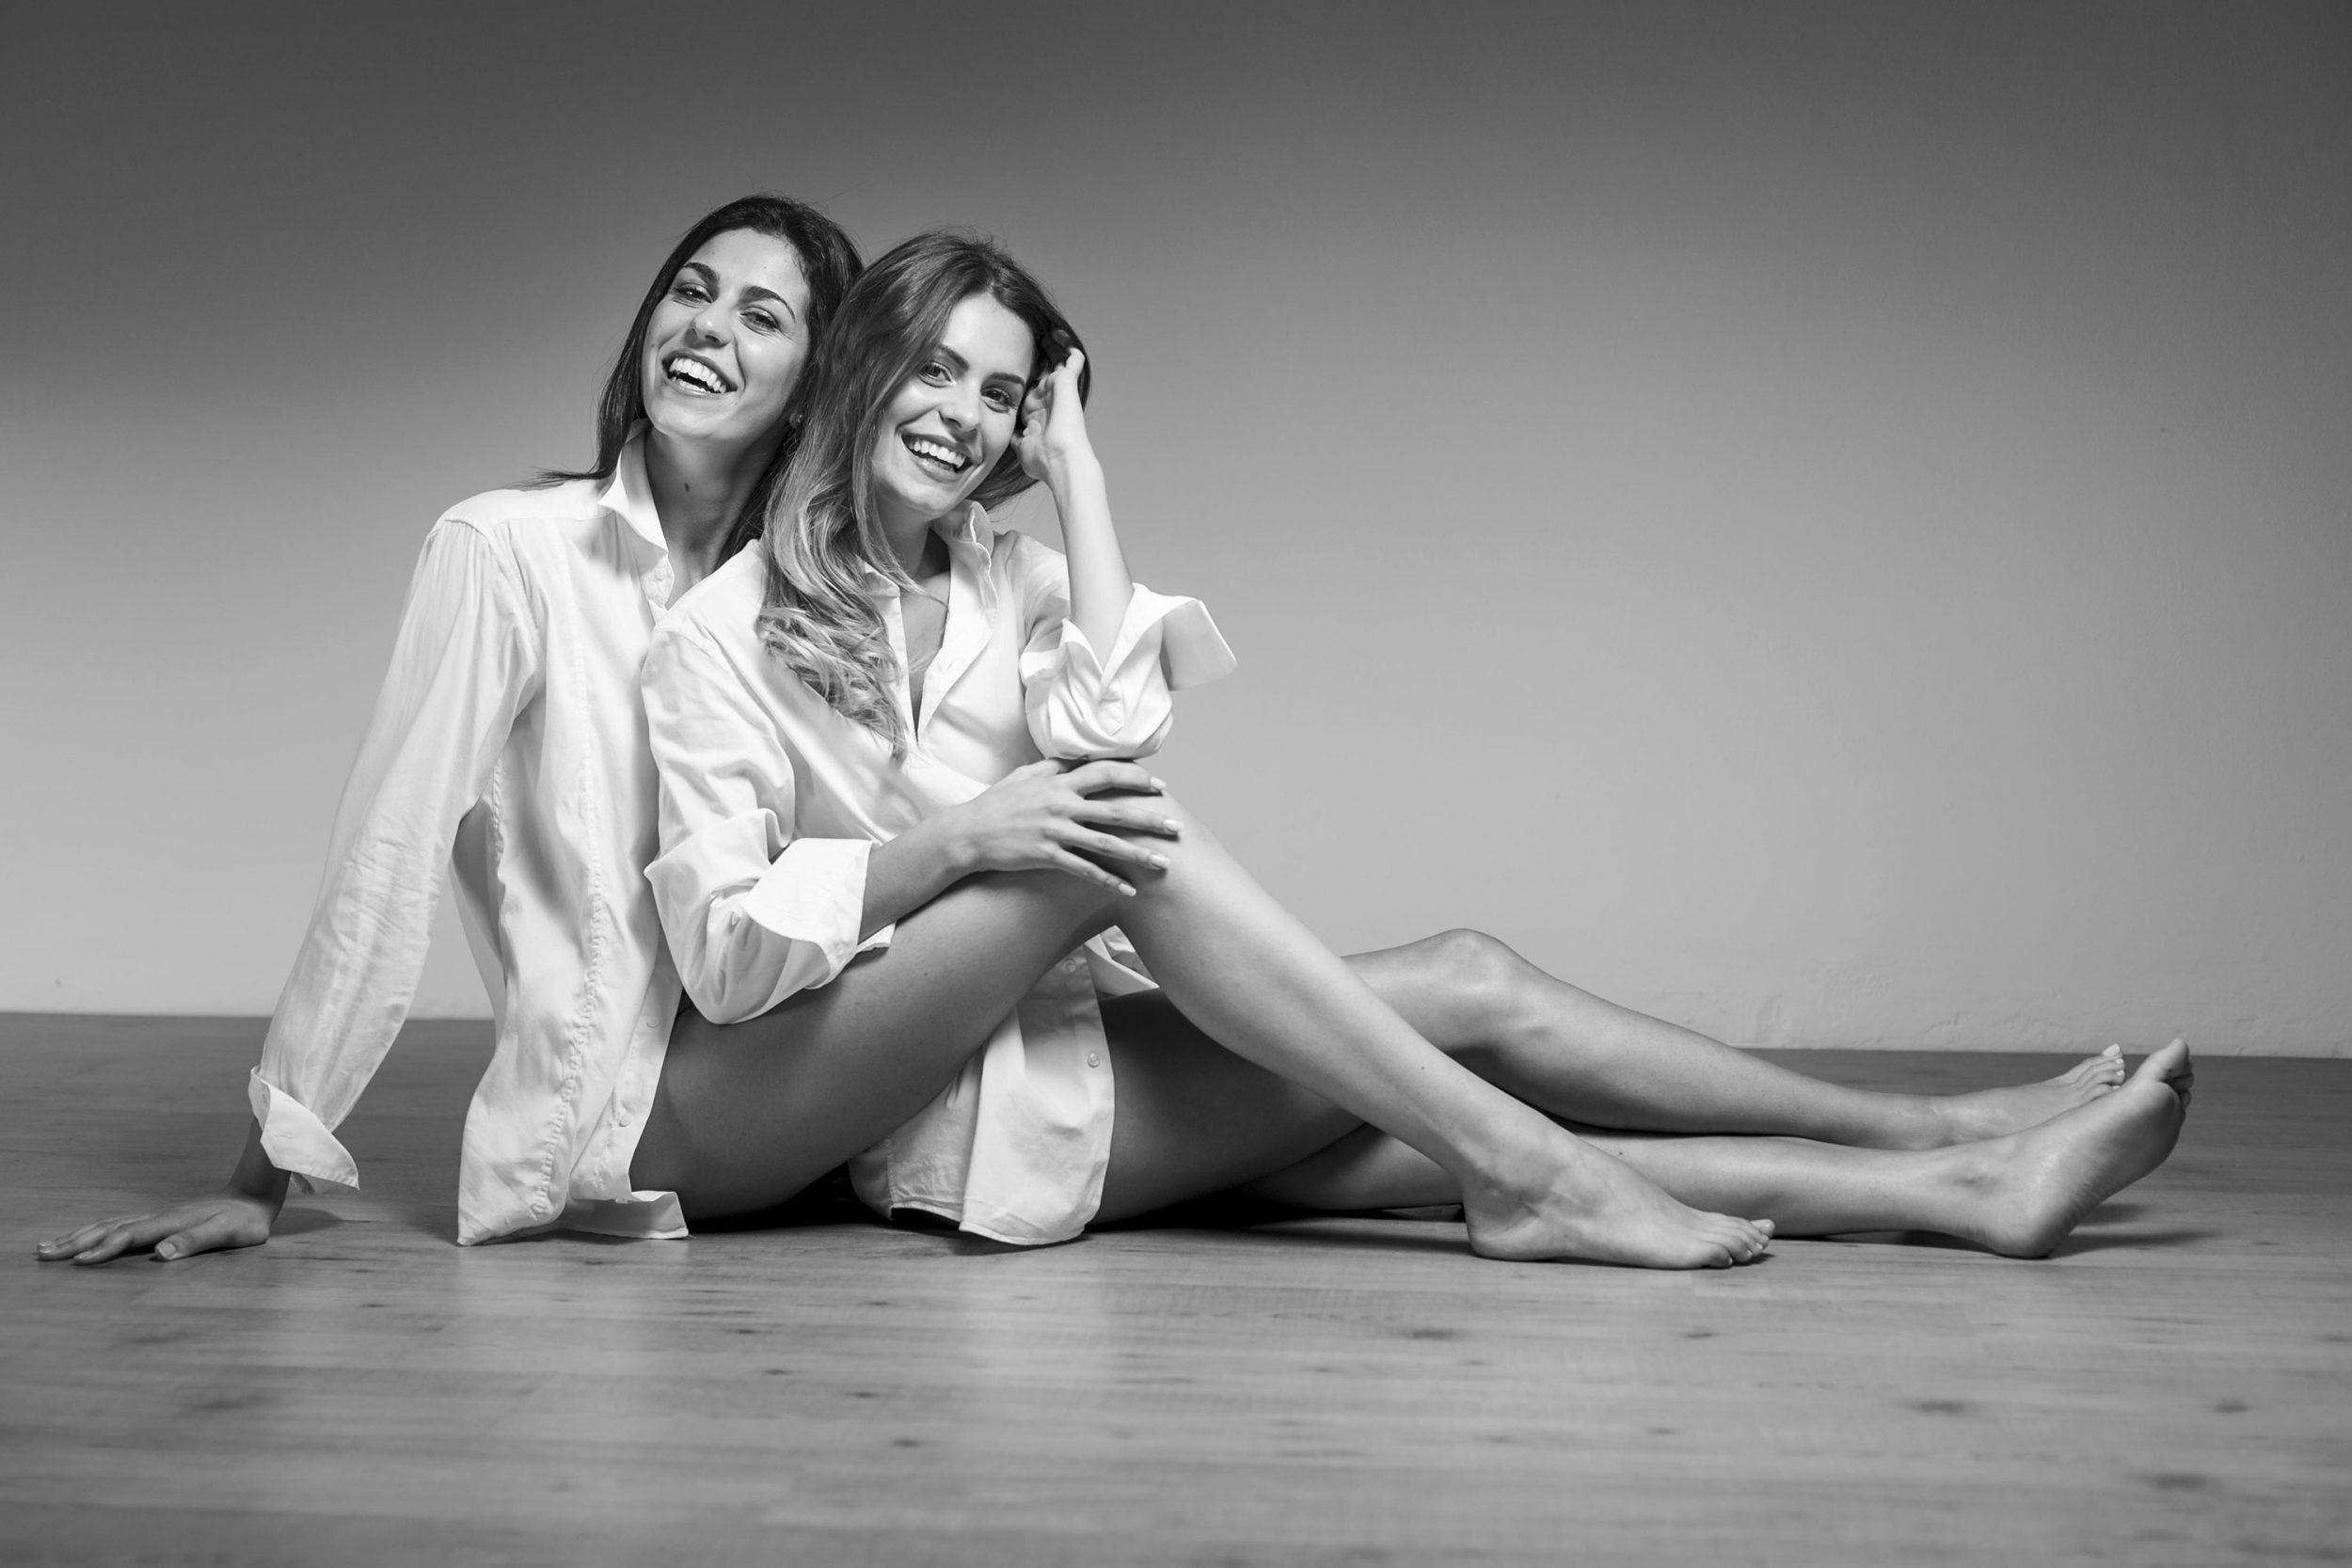 Arianna Torrioli e Sofia Pompei sorridono sedute in una foto in studio con camicie bianche e gambe nude